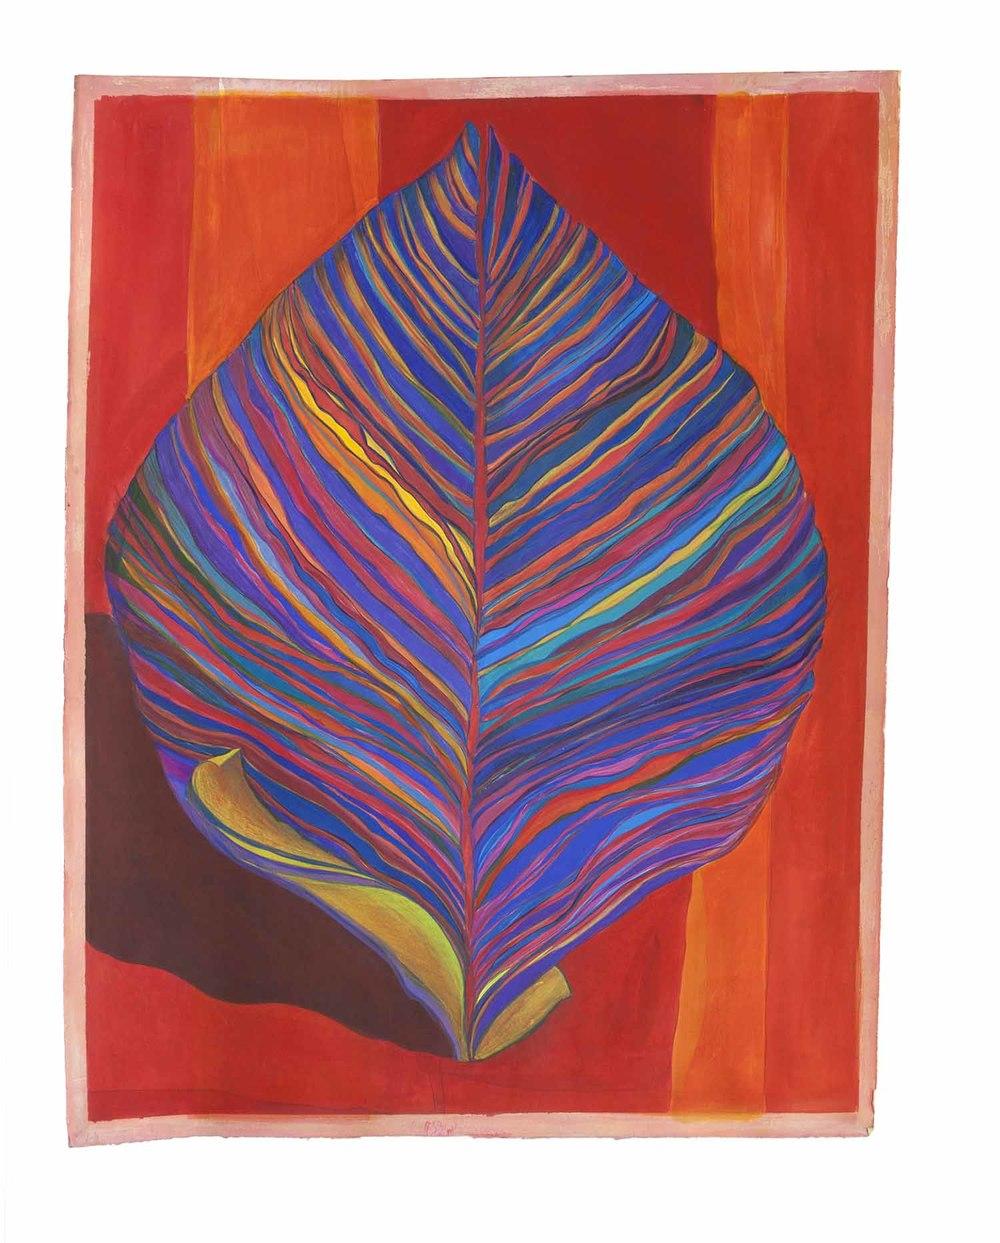 Leaf Form: Blue on Red